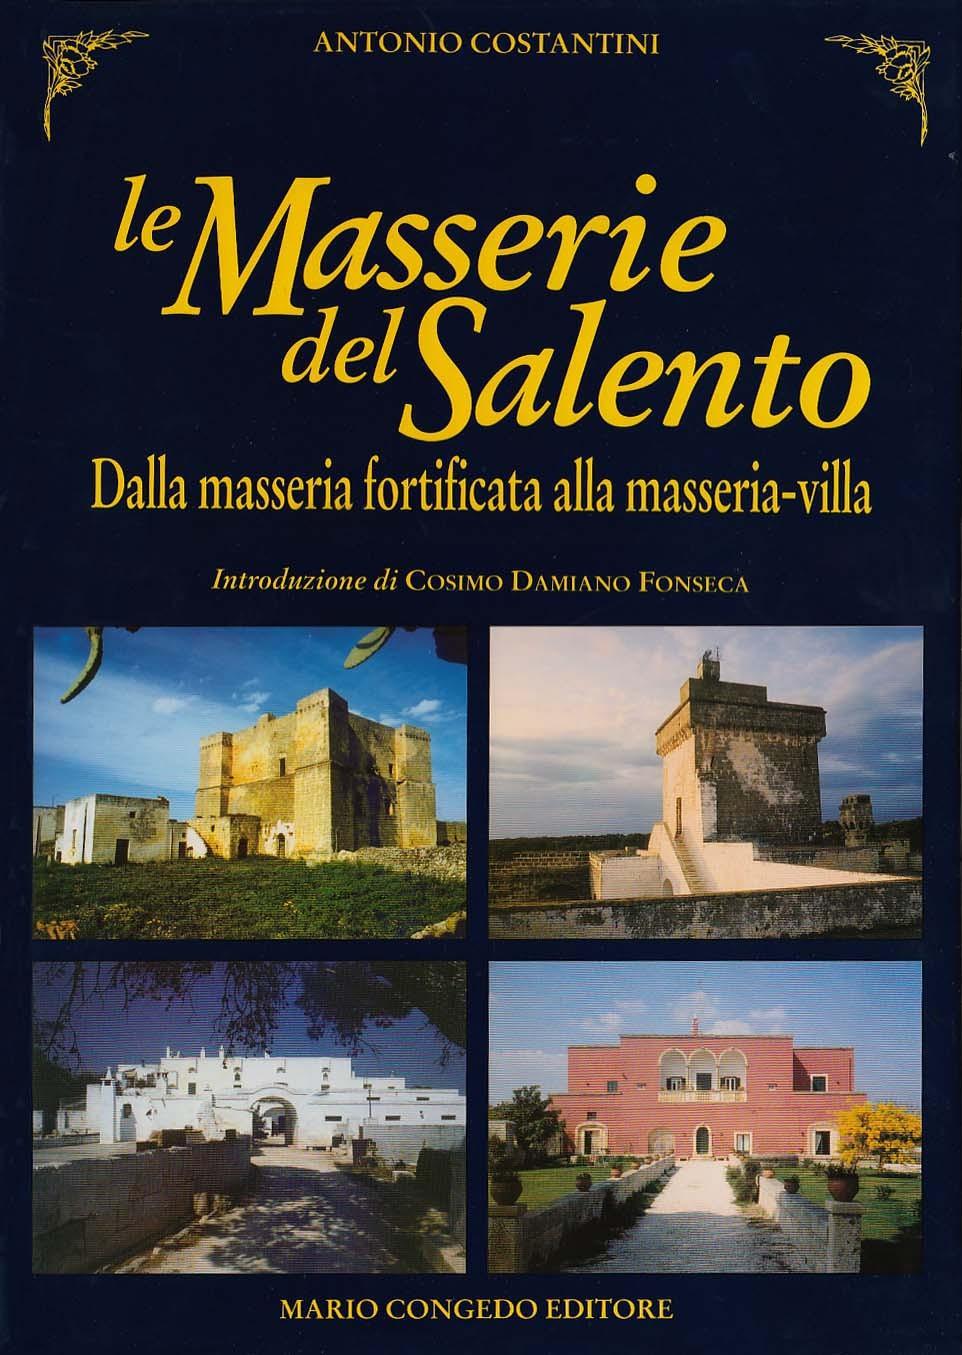 Le Masserie del Salento - Dalla masseria fortificata alla masseria-villa